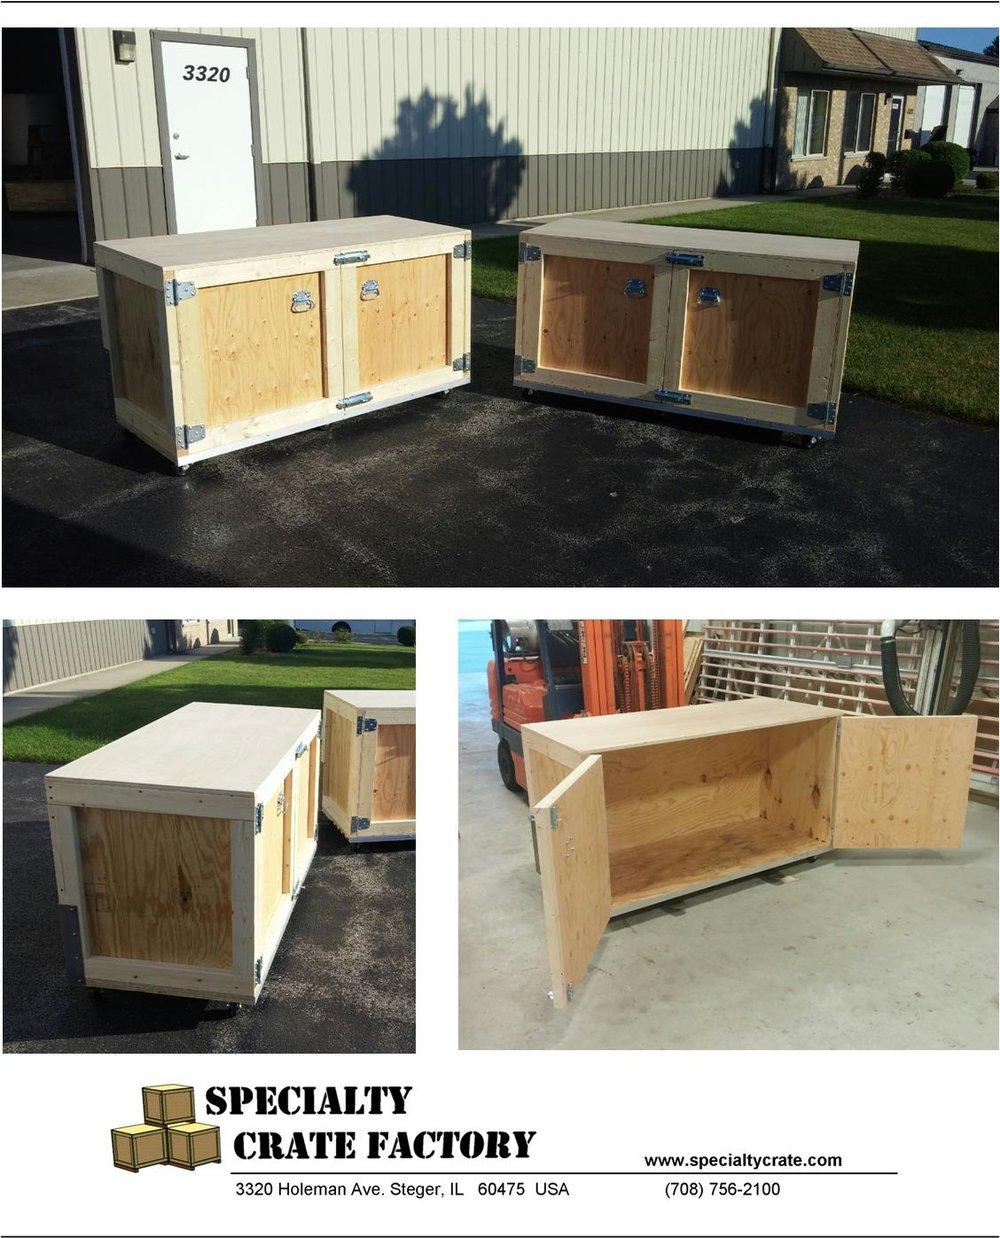 SpecialtyCrate_TradeTableCrates_01.jpg